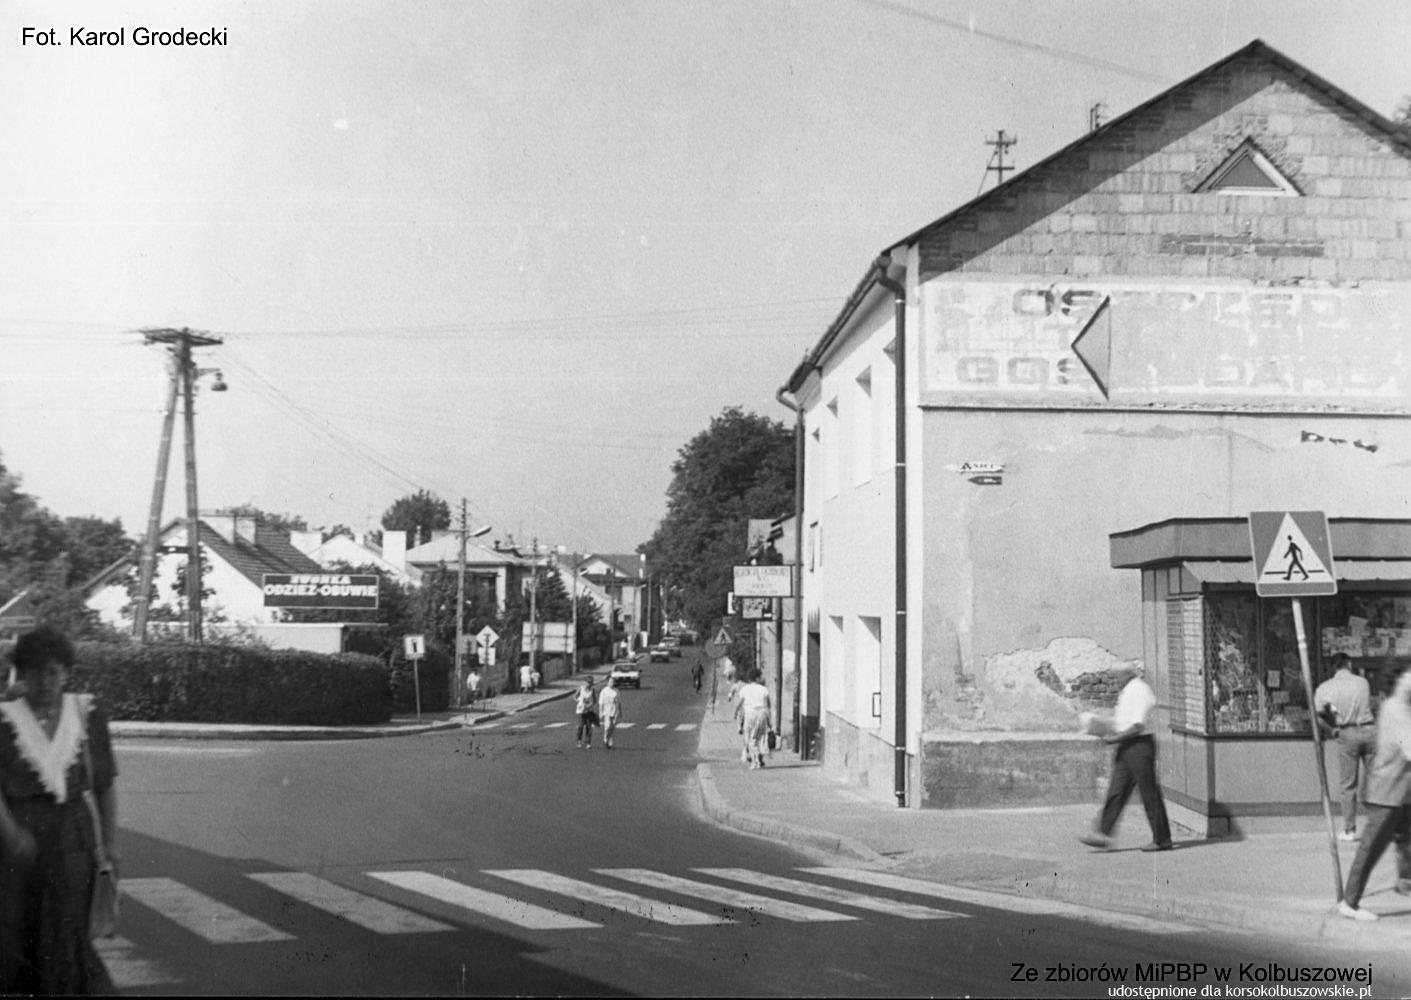 Kolbuszowa sprzed lat - dawne zdjęcia miasta nad Nilem [AKTUALIZACJA] - Zdjęcie główne